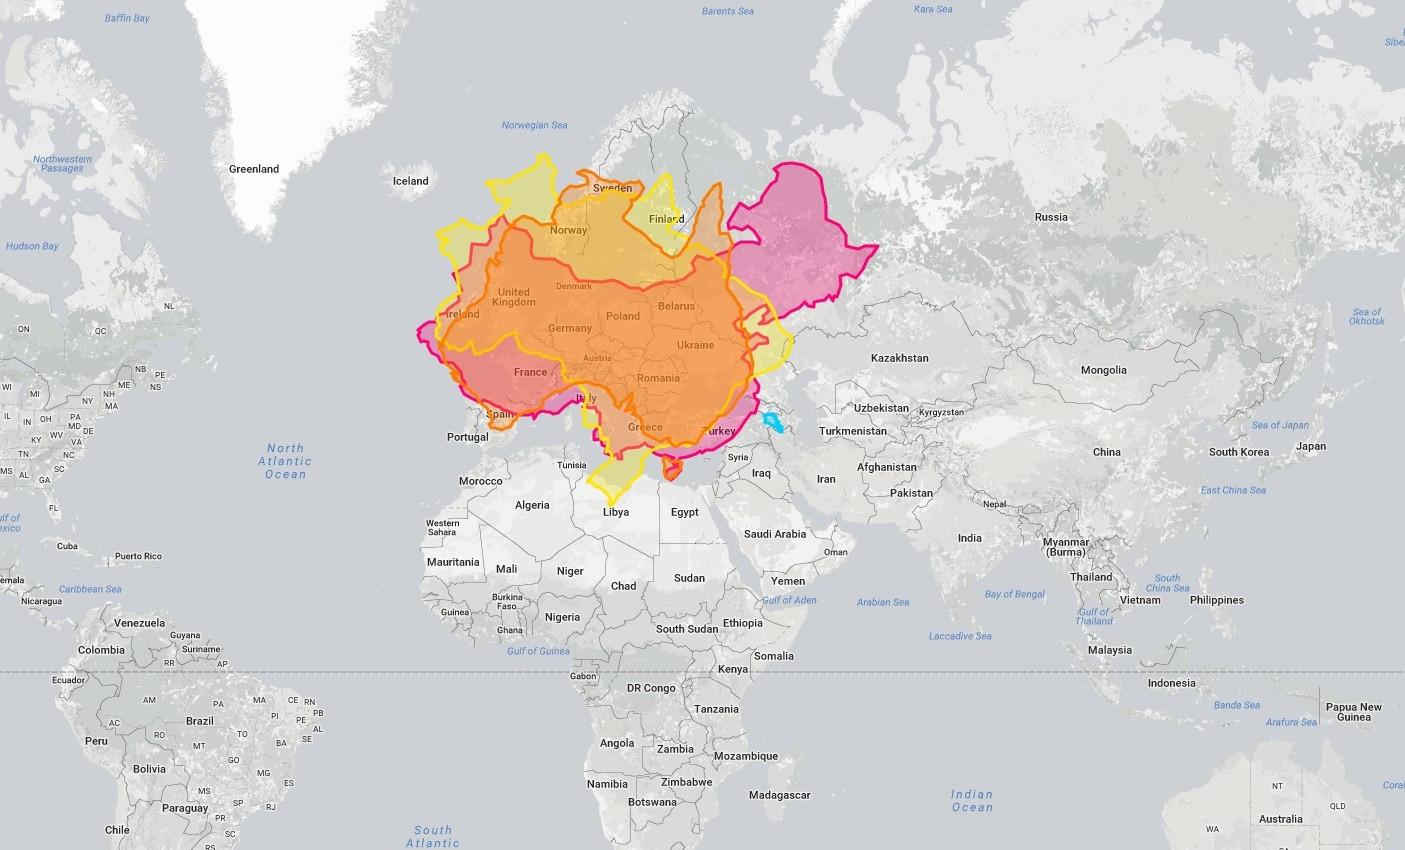 18 - europa com brasil austrália e china.jpg